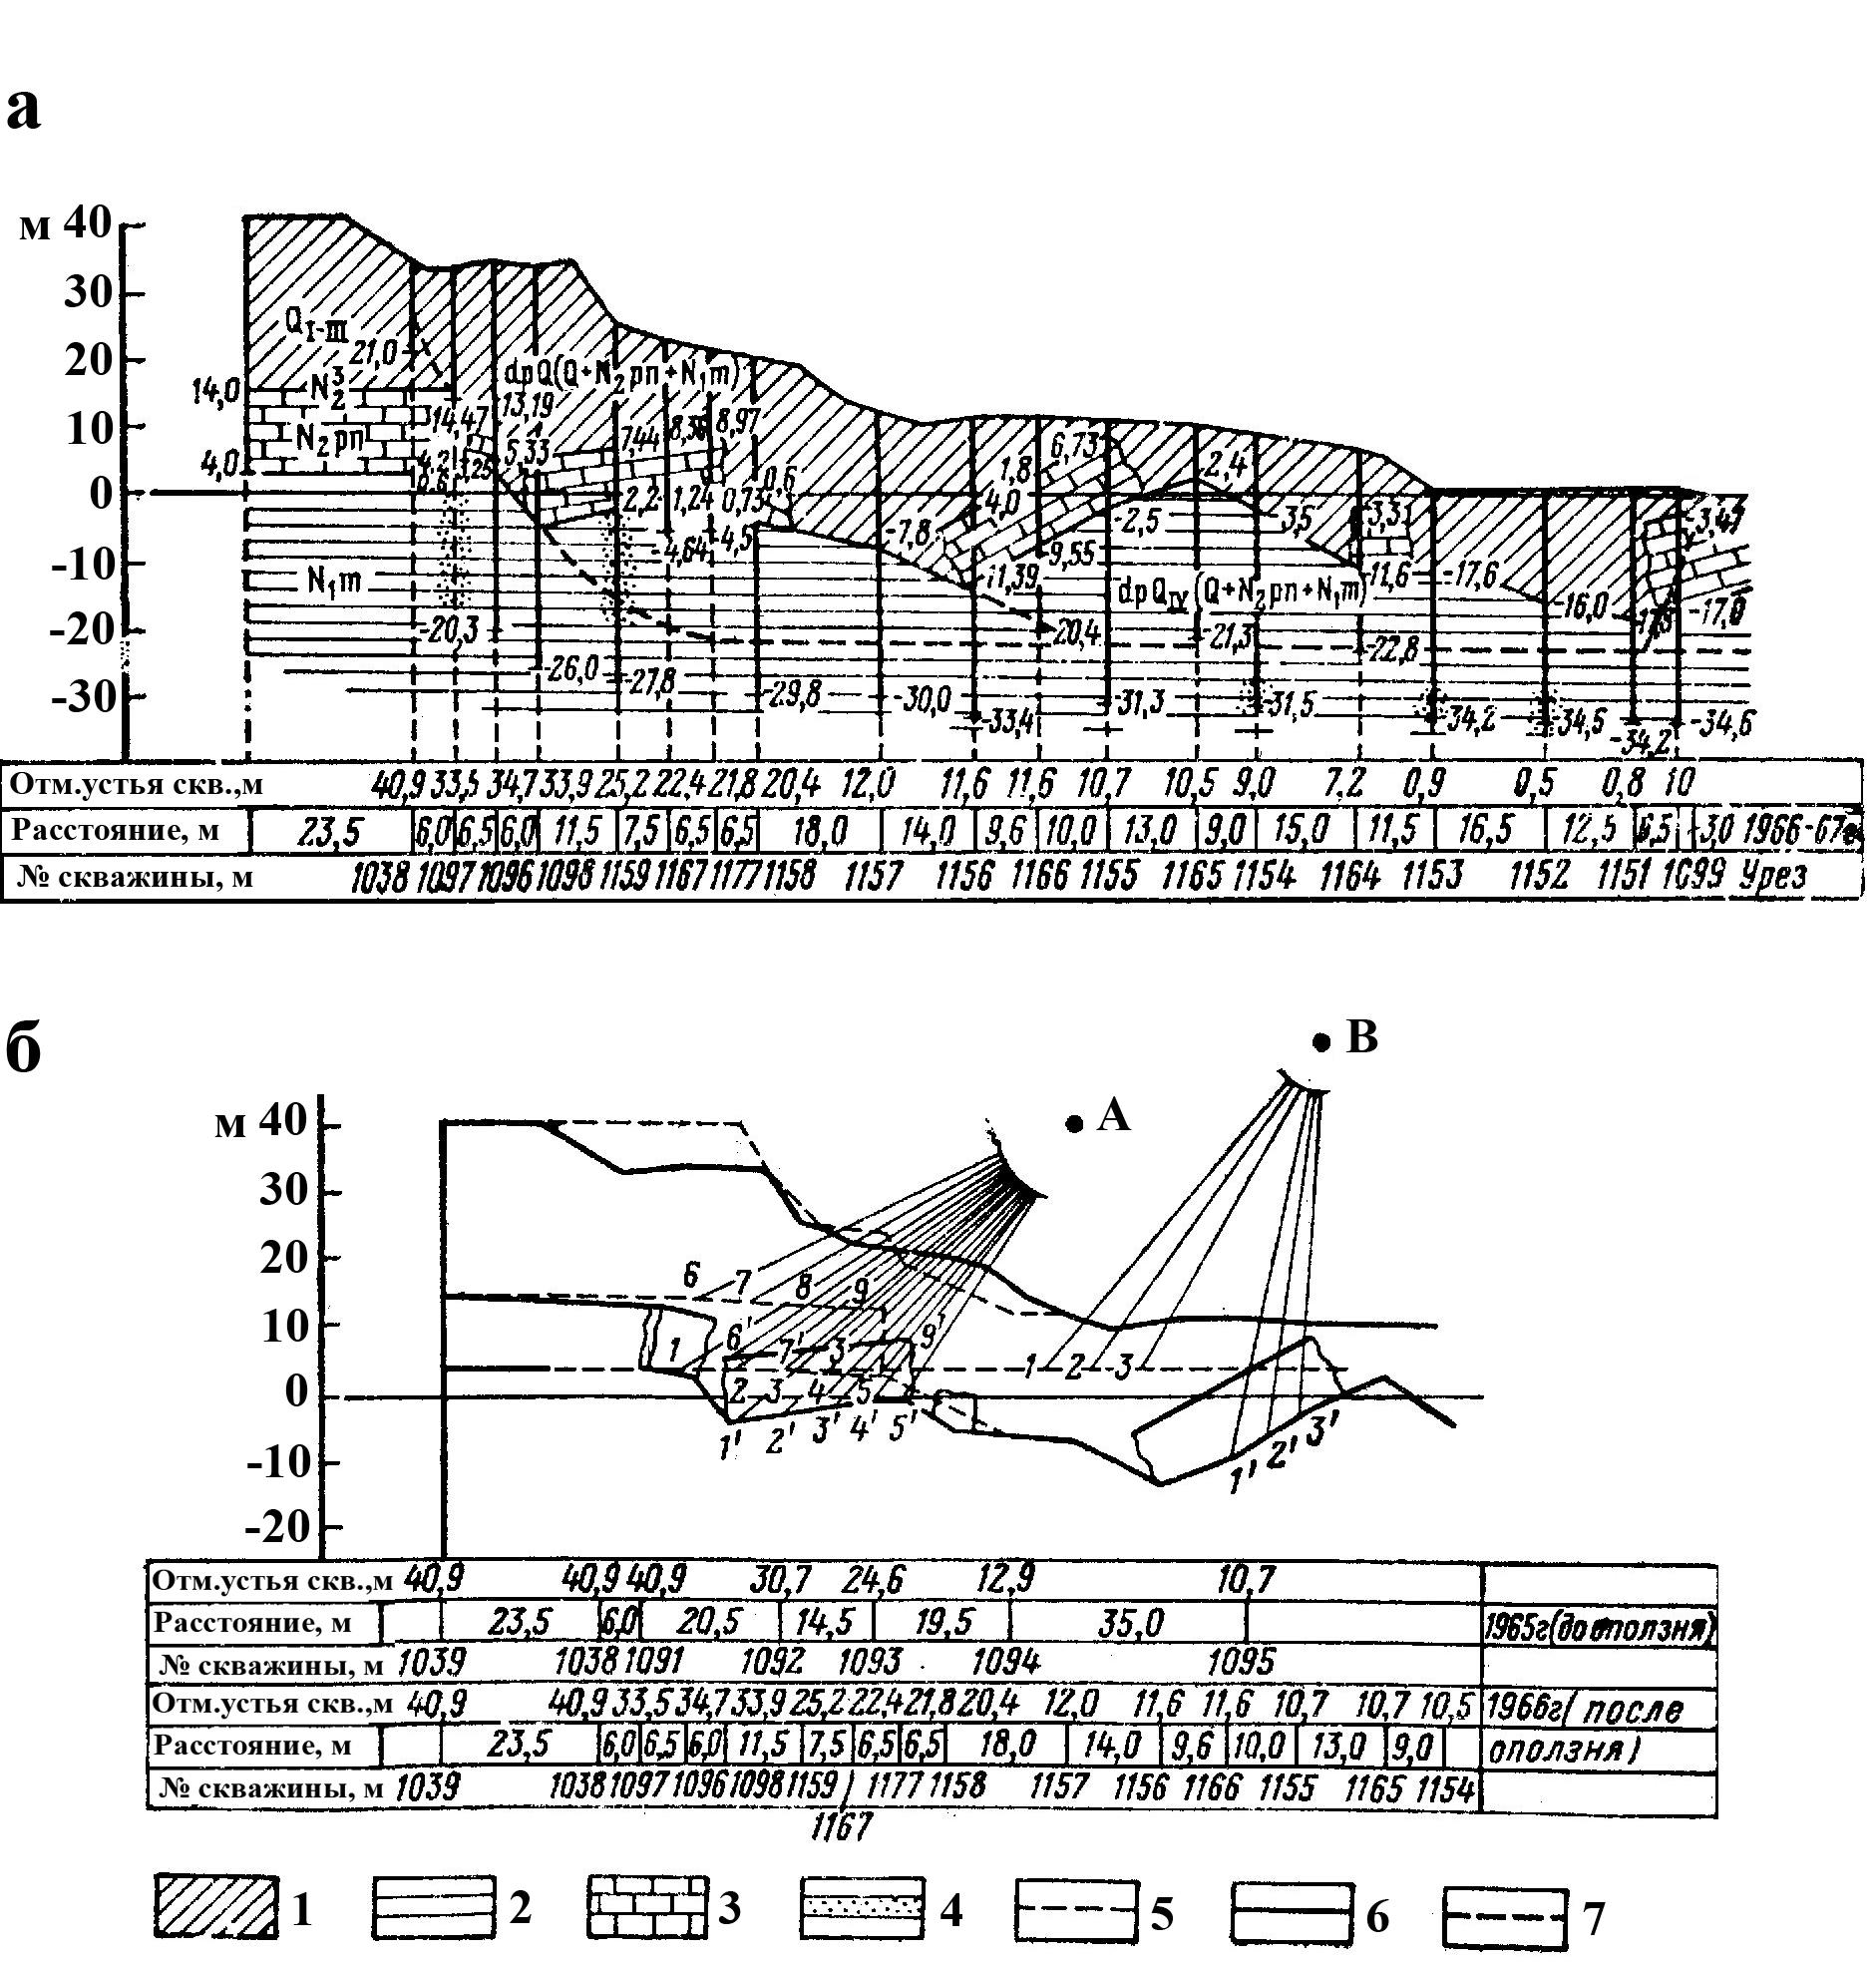 3 Геологический разрез (а) и схема развития вращательных деформаций оползневых блоков (б) в XII амфитеатре в Одессе, по П.Н. Науменко